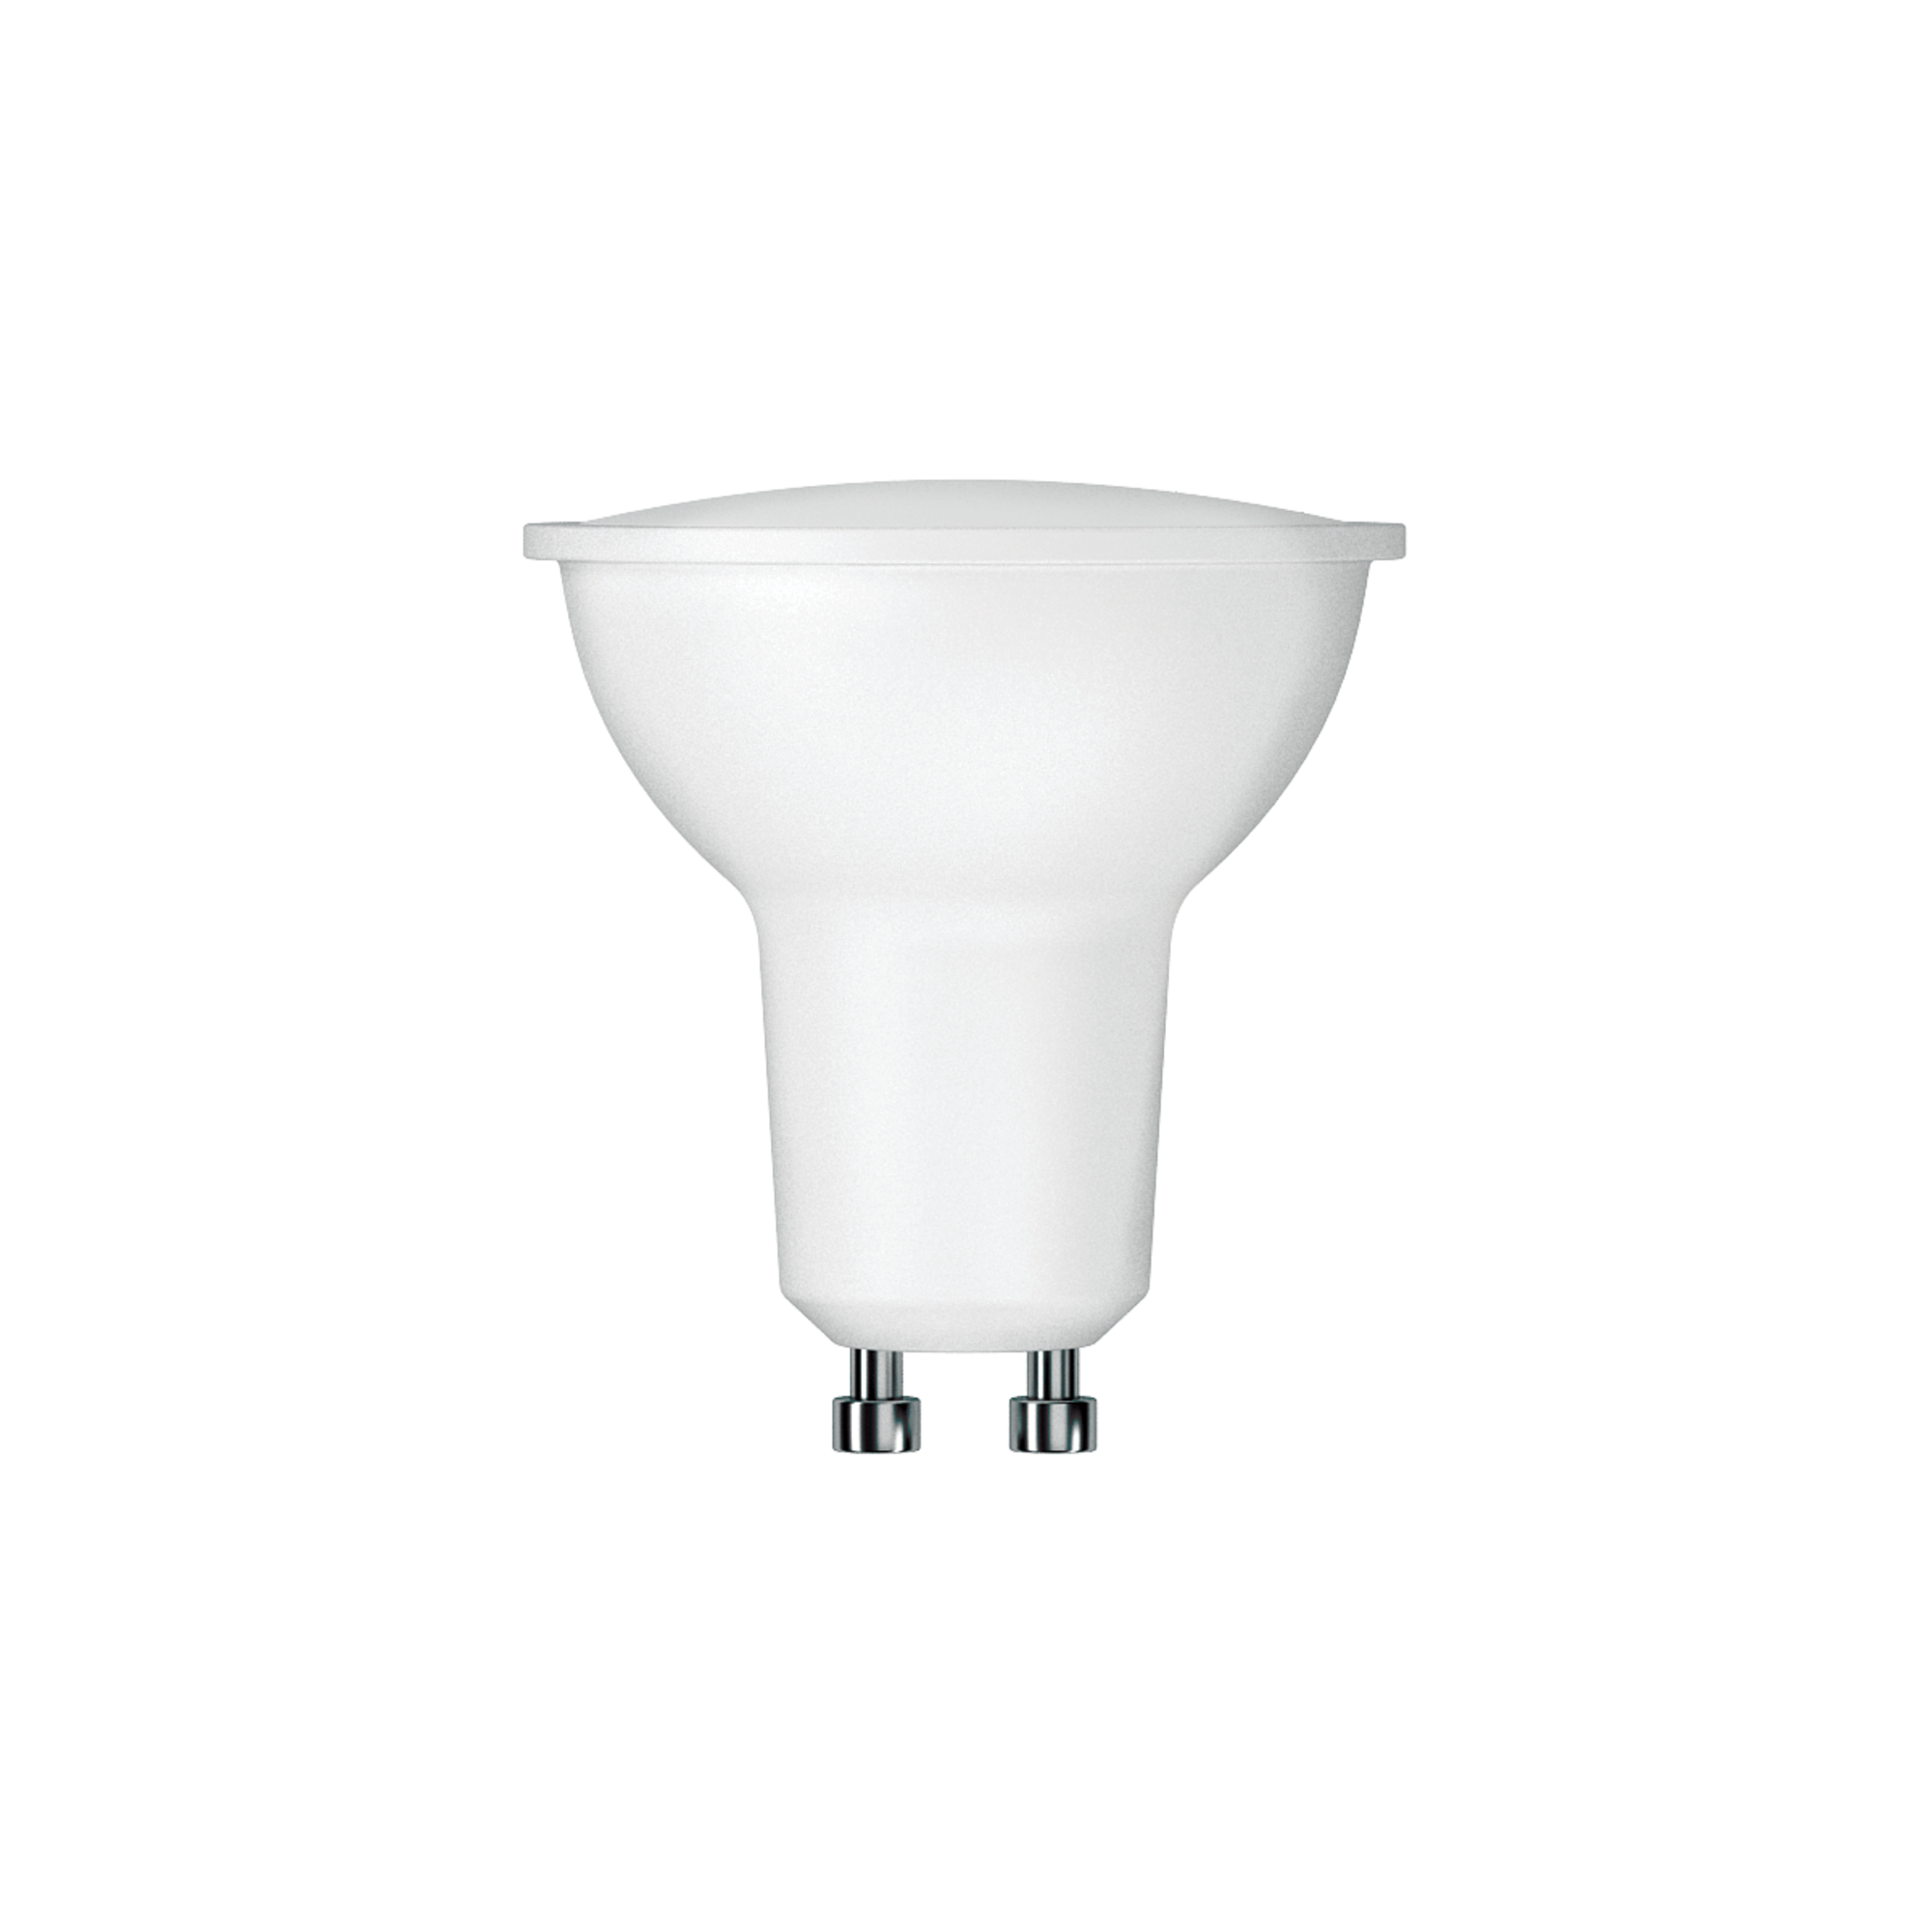 Светодиодная лампочка Фотон 22823 MR16 360 Лм 4 Вт